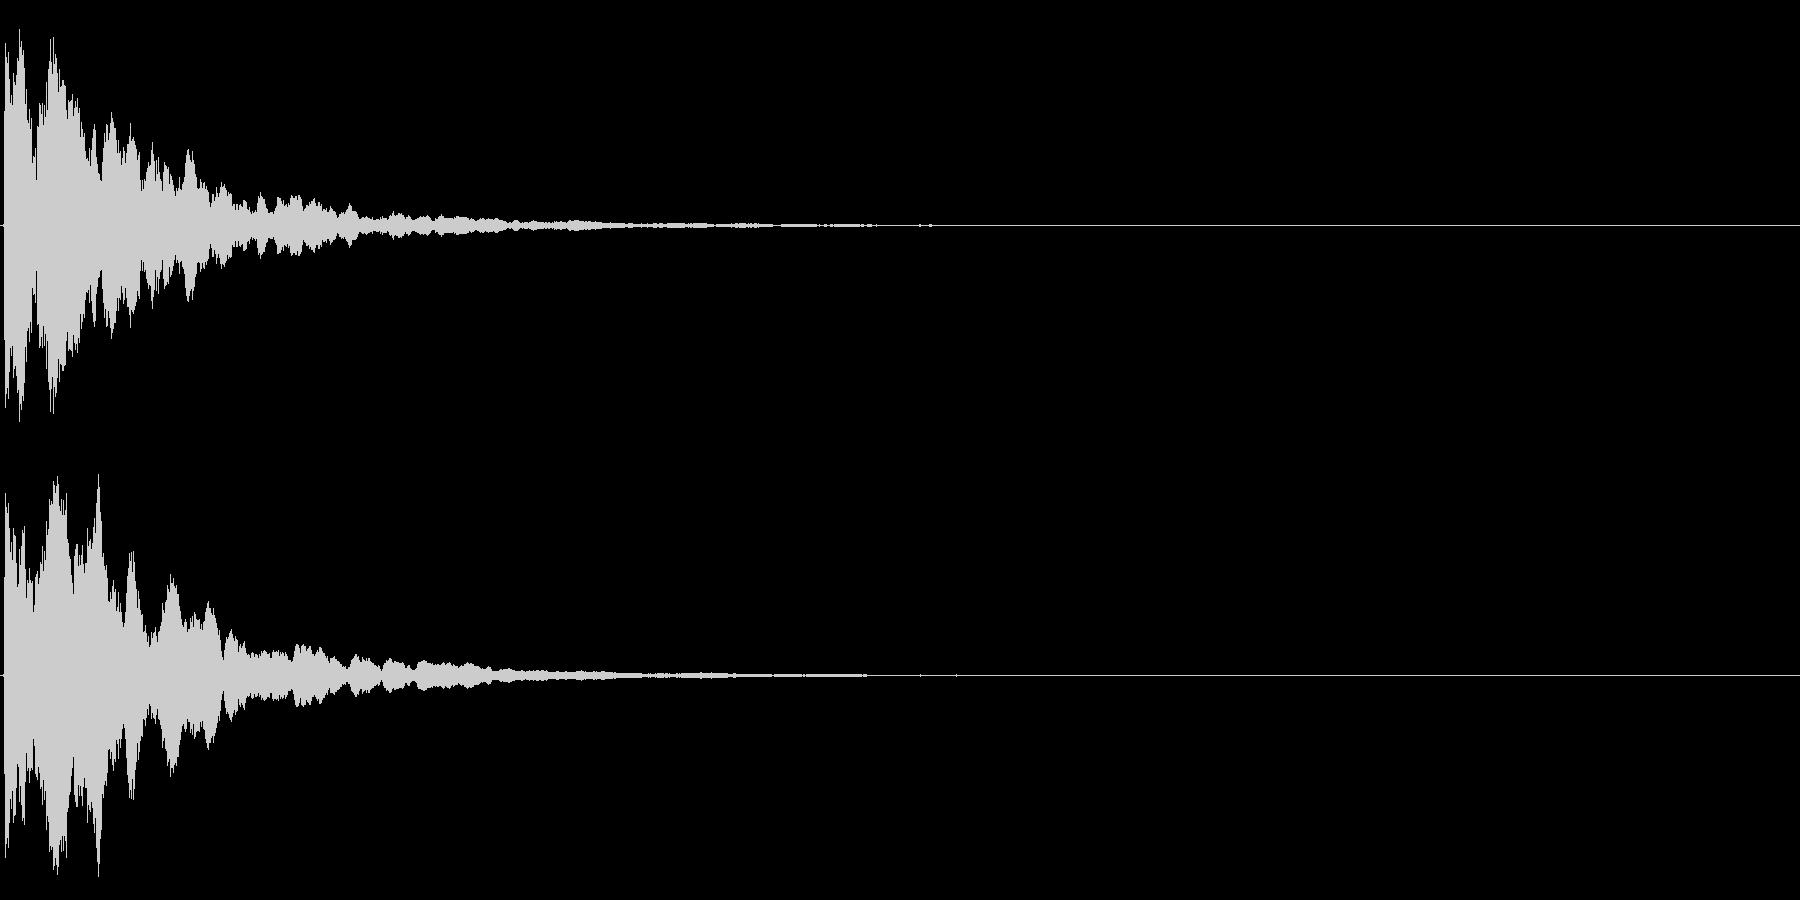 ゲームスタート、決定、ボタン音-017の未再生の波形